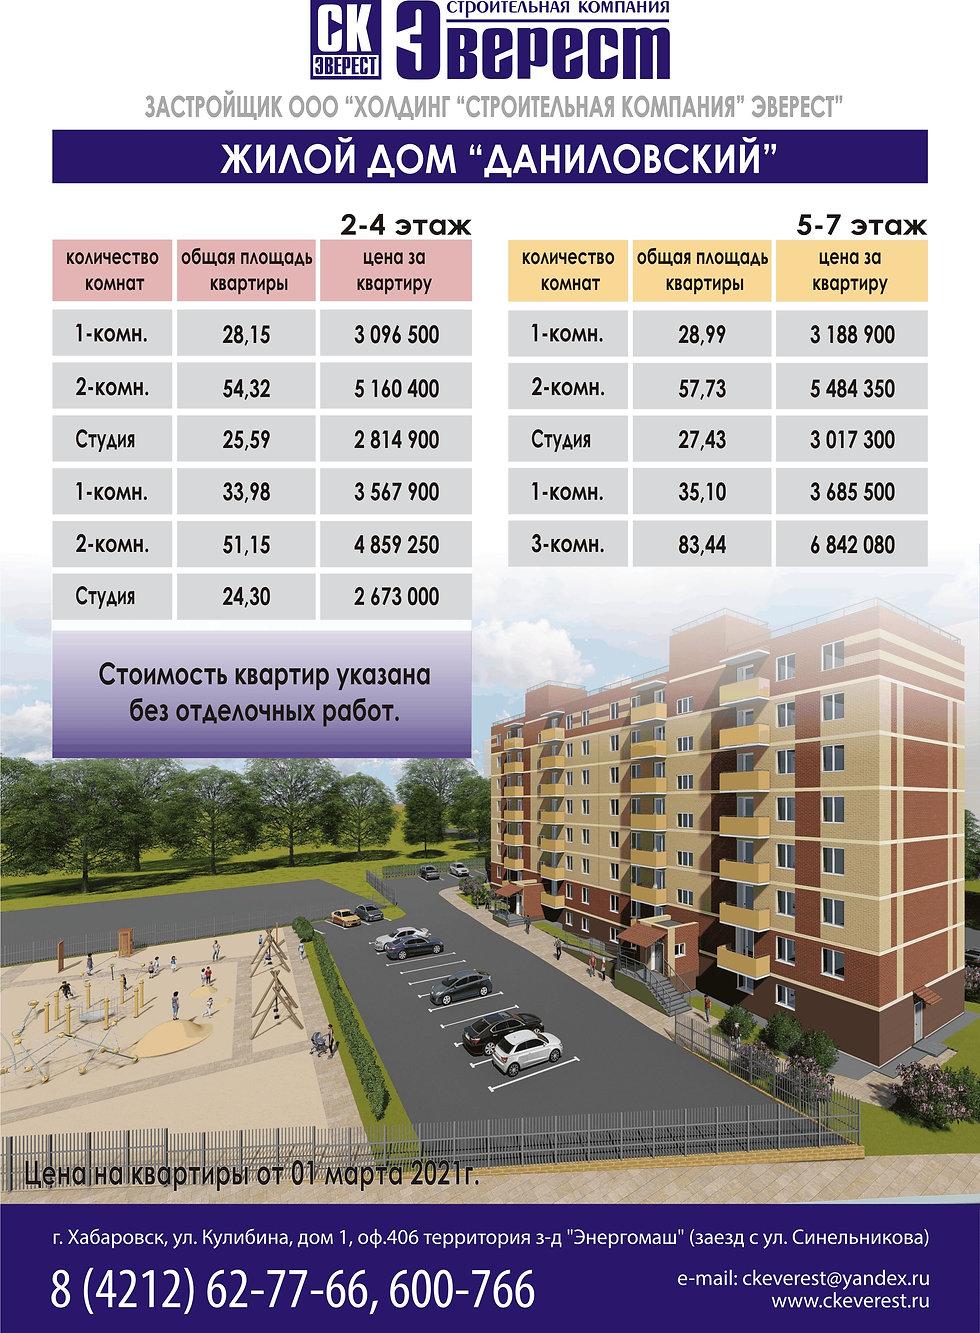 Цены_Даниловский ПРАЙС 01 03 2021_CMYK.j